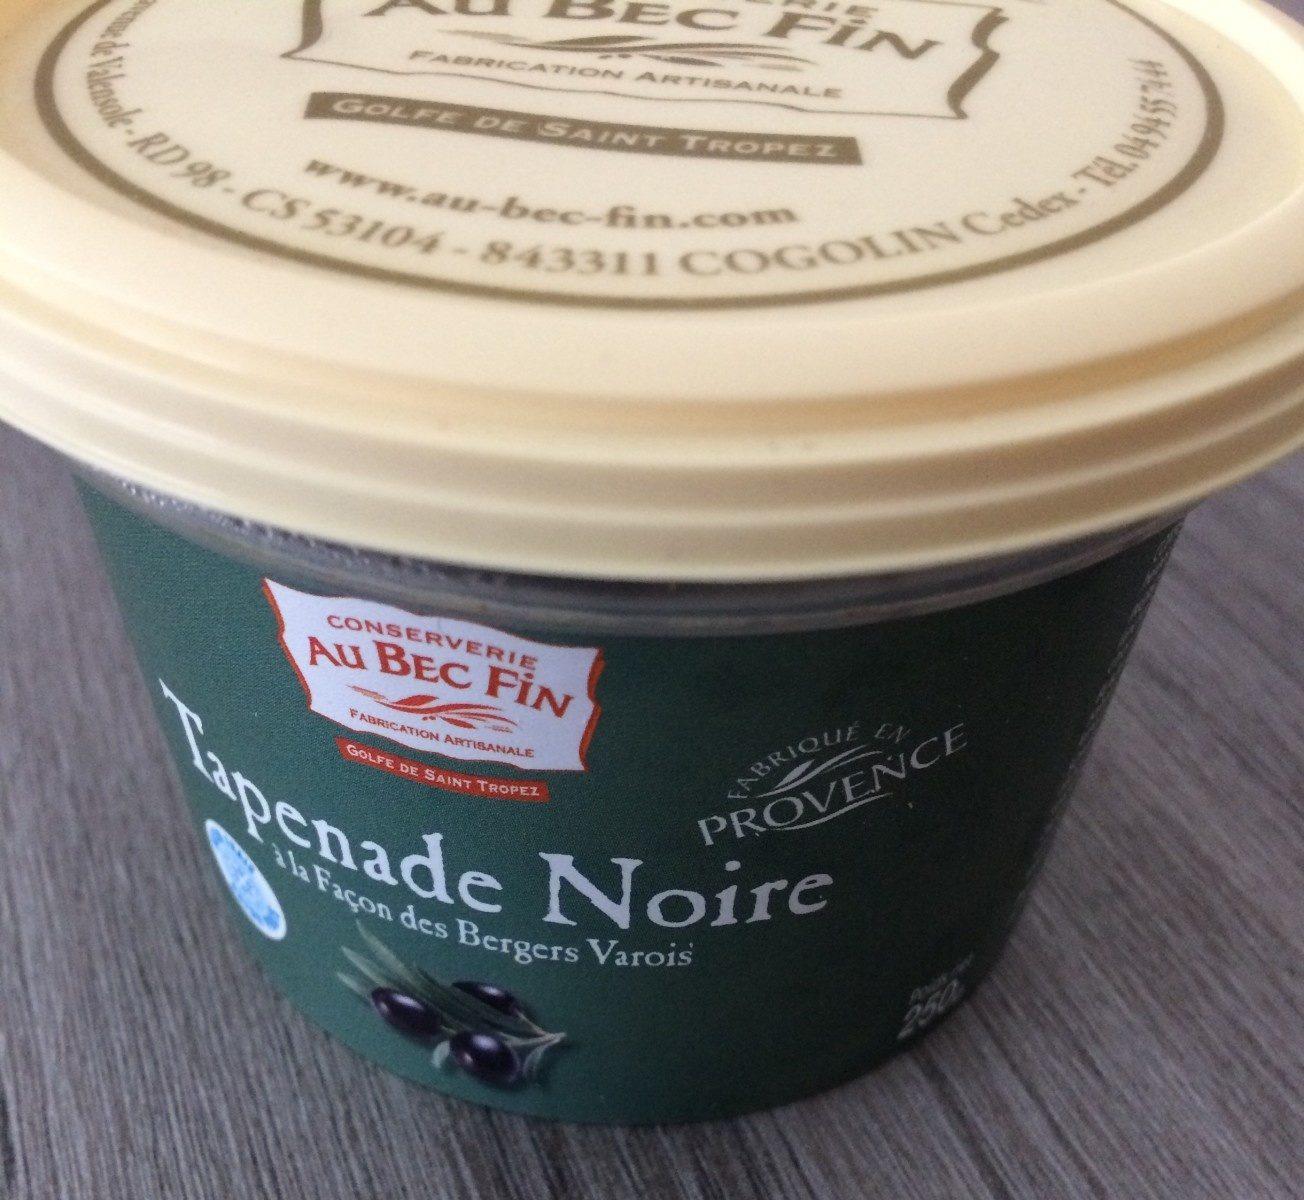 Tapenade noire facon des bergers Varois AU BEC FIN - Product